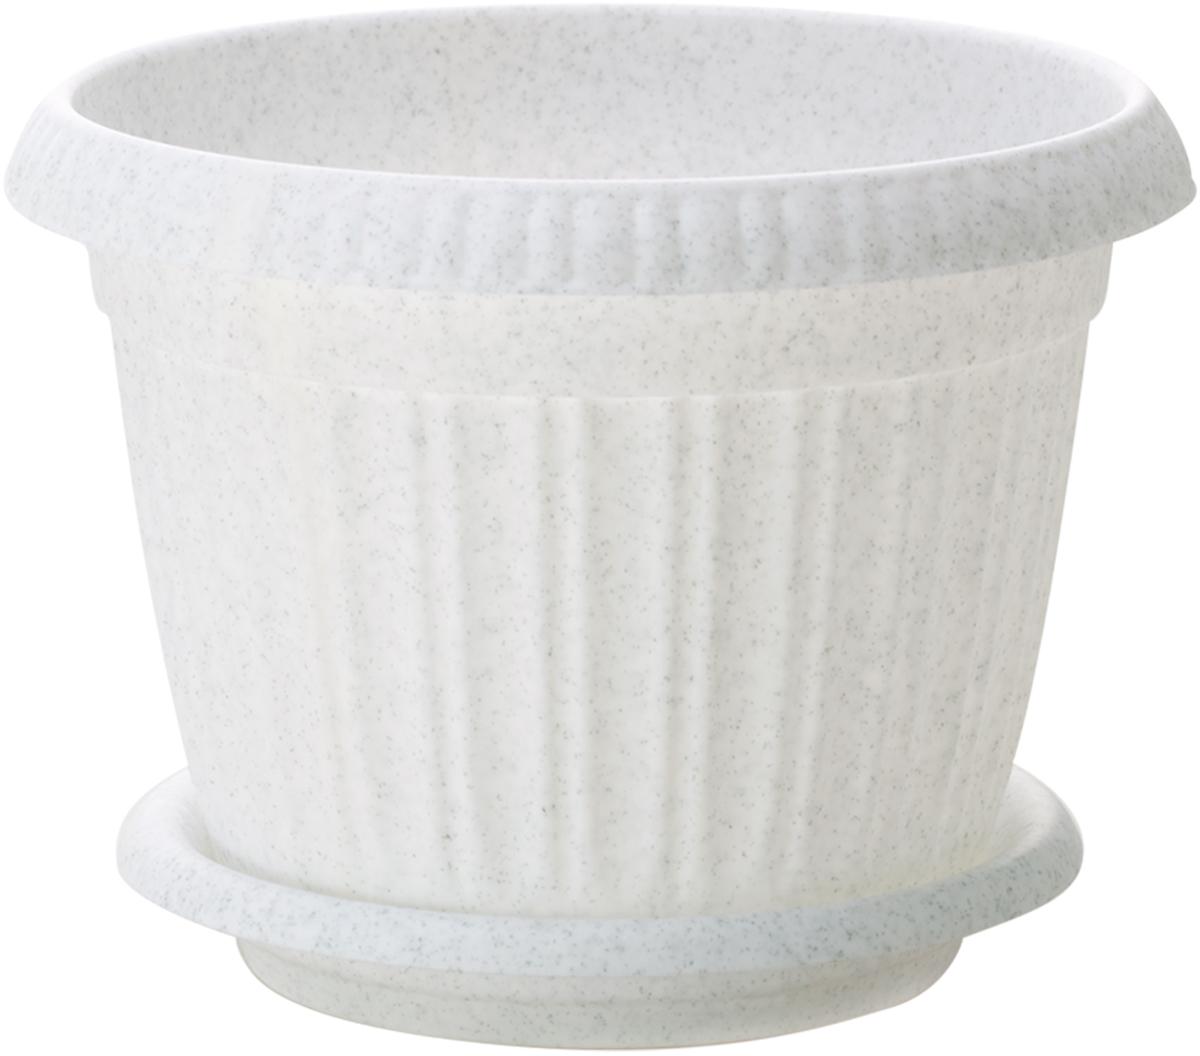 Горшок для цветов InGreen Таити, с подставкой, цвет: мраморный, диаметр 20 смING41020FМРГоршок InGreen Таити выполнен из высококачественного полипропилена (пластика) и предназначен для выращивания цветов, растений и трав. Снабжен подставкой для стока воды. Такой горшок порадует вас функциональностью, а благодаря лаконичному дизайну впишется в любой интерьер помещения. Диаметр горшка по верхнему краю: 20 см. Высота горшка: 15,5 см. Диаметр подставки: 16 см.